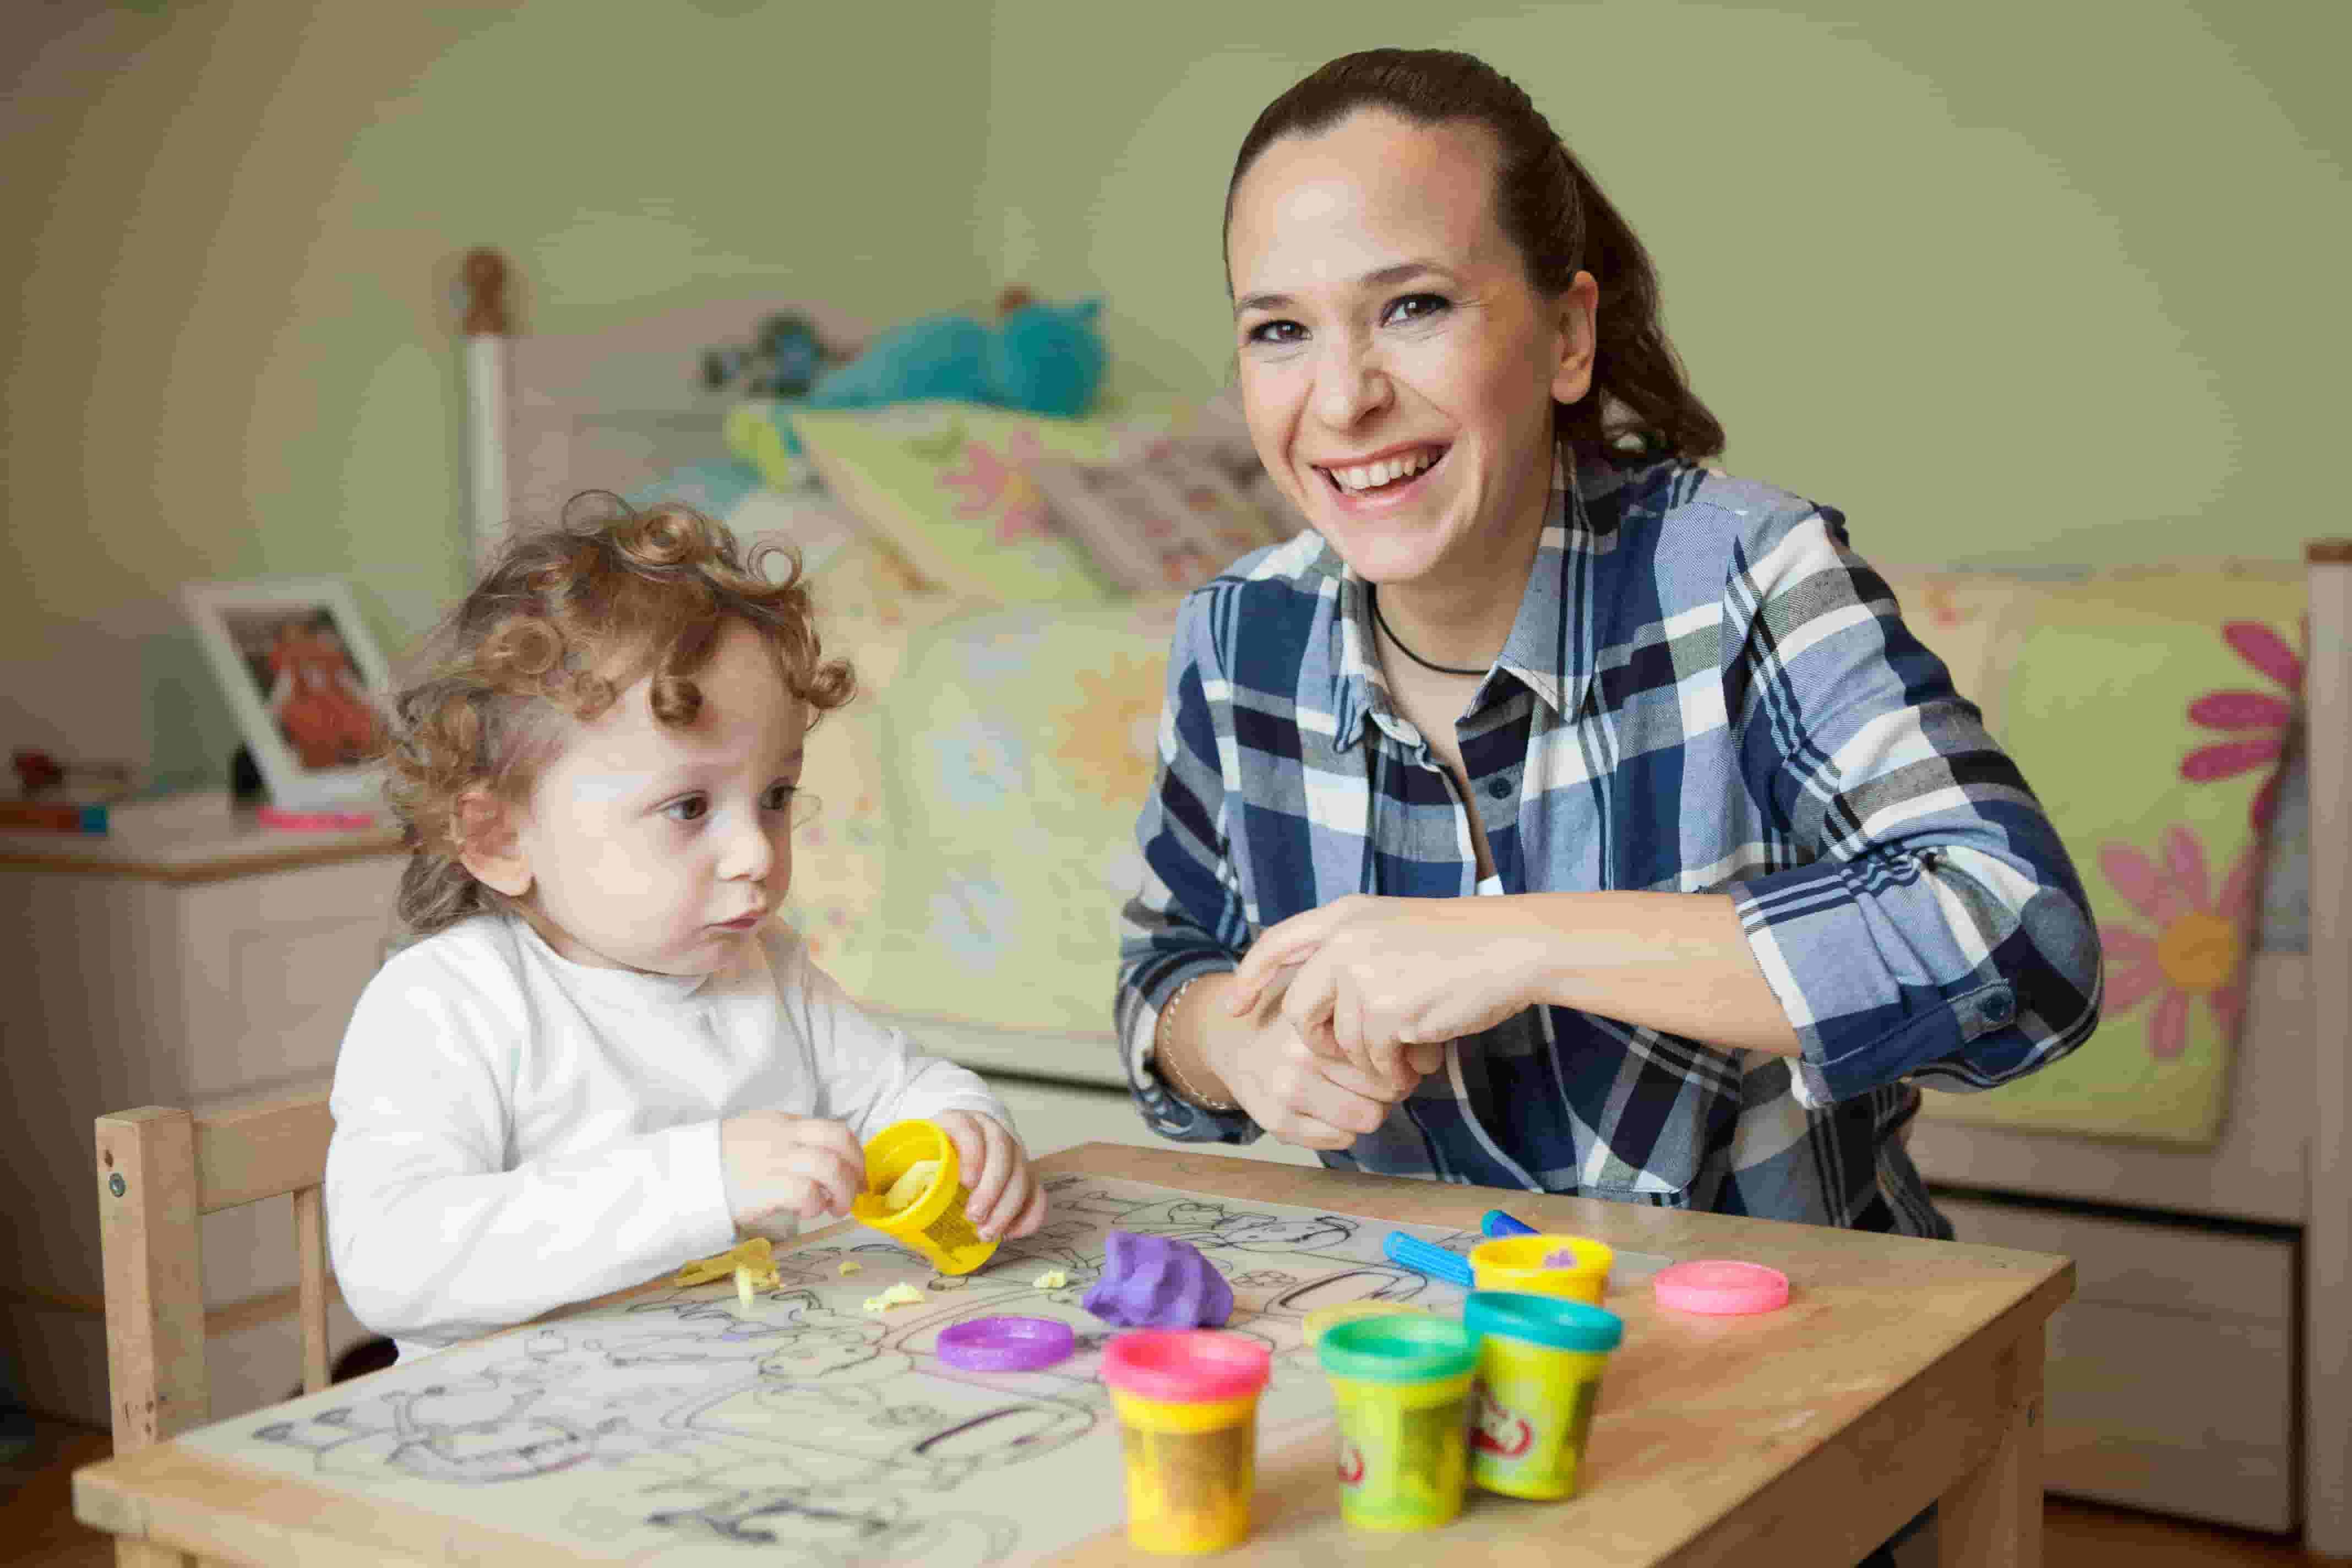 Ebeveynler meşgulken çocukların bakımı